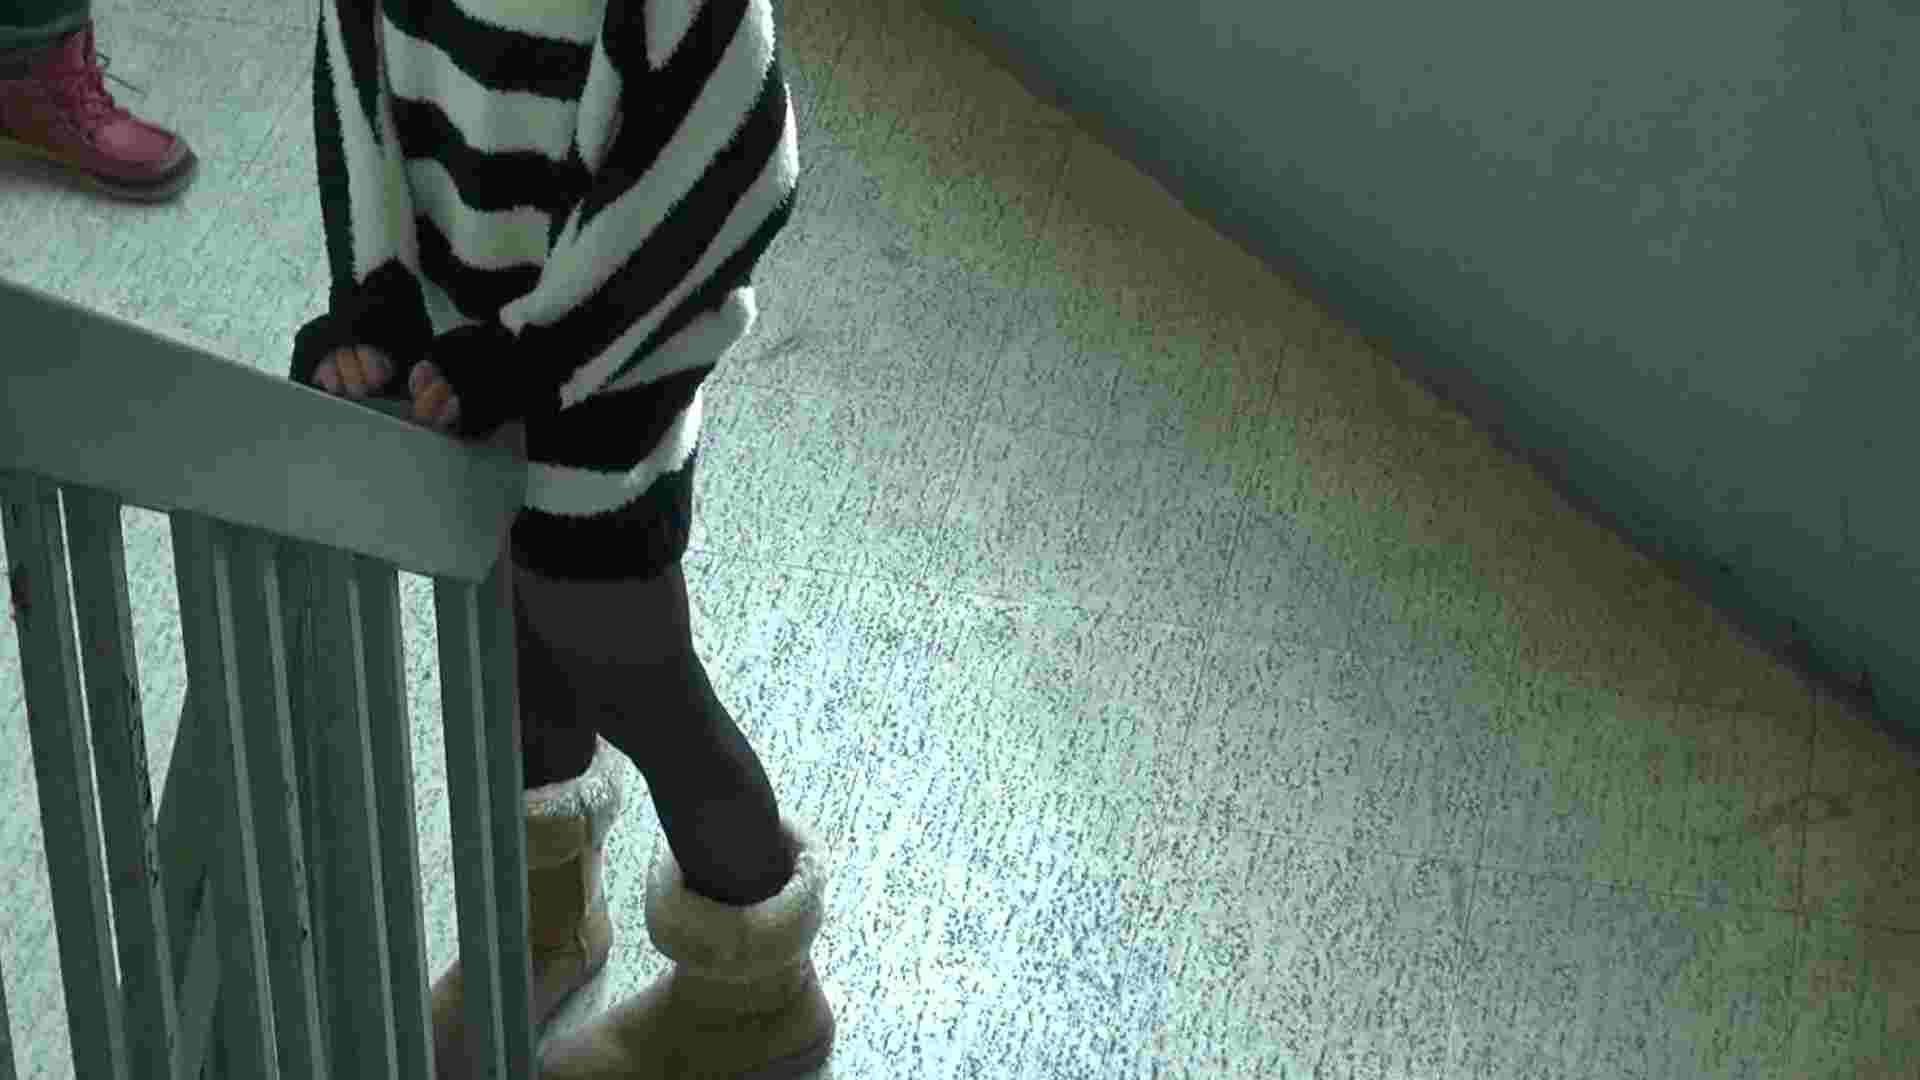 素人S級美女特選!小悪魔ギャル噂のビッチガールVol.44 ギャル達のSEX | ギャル  58画像 29